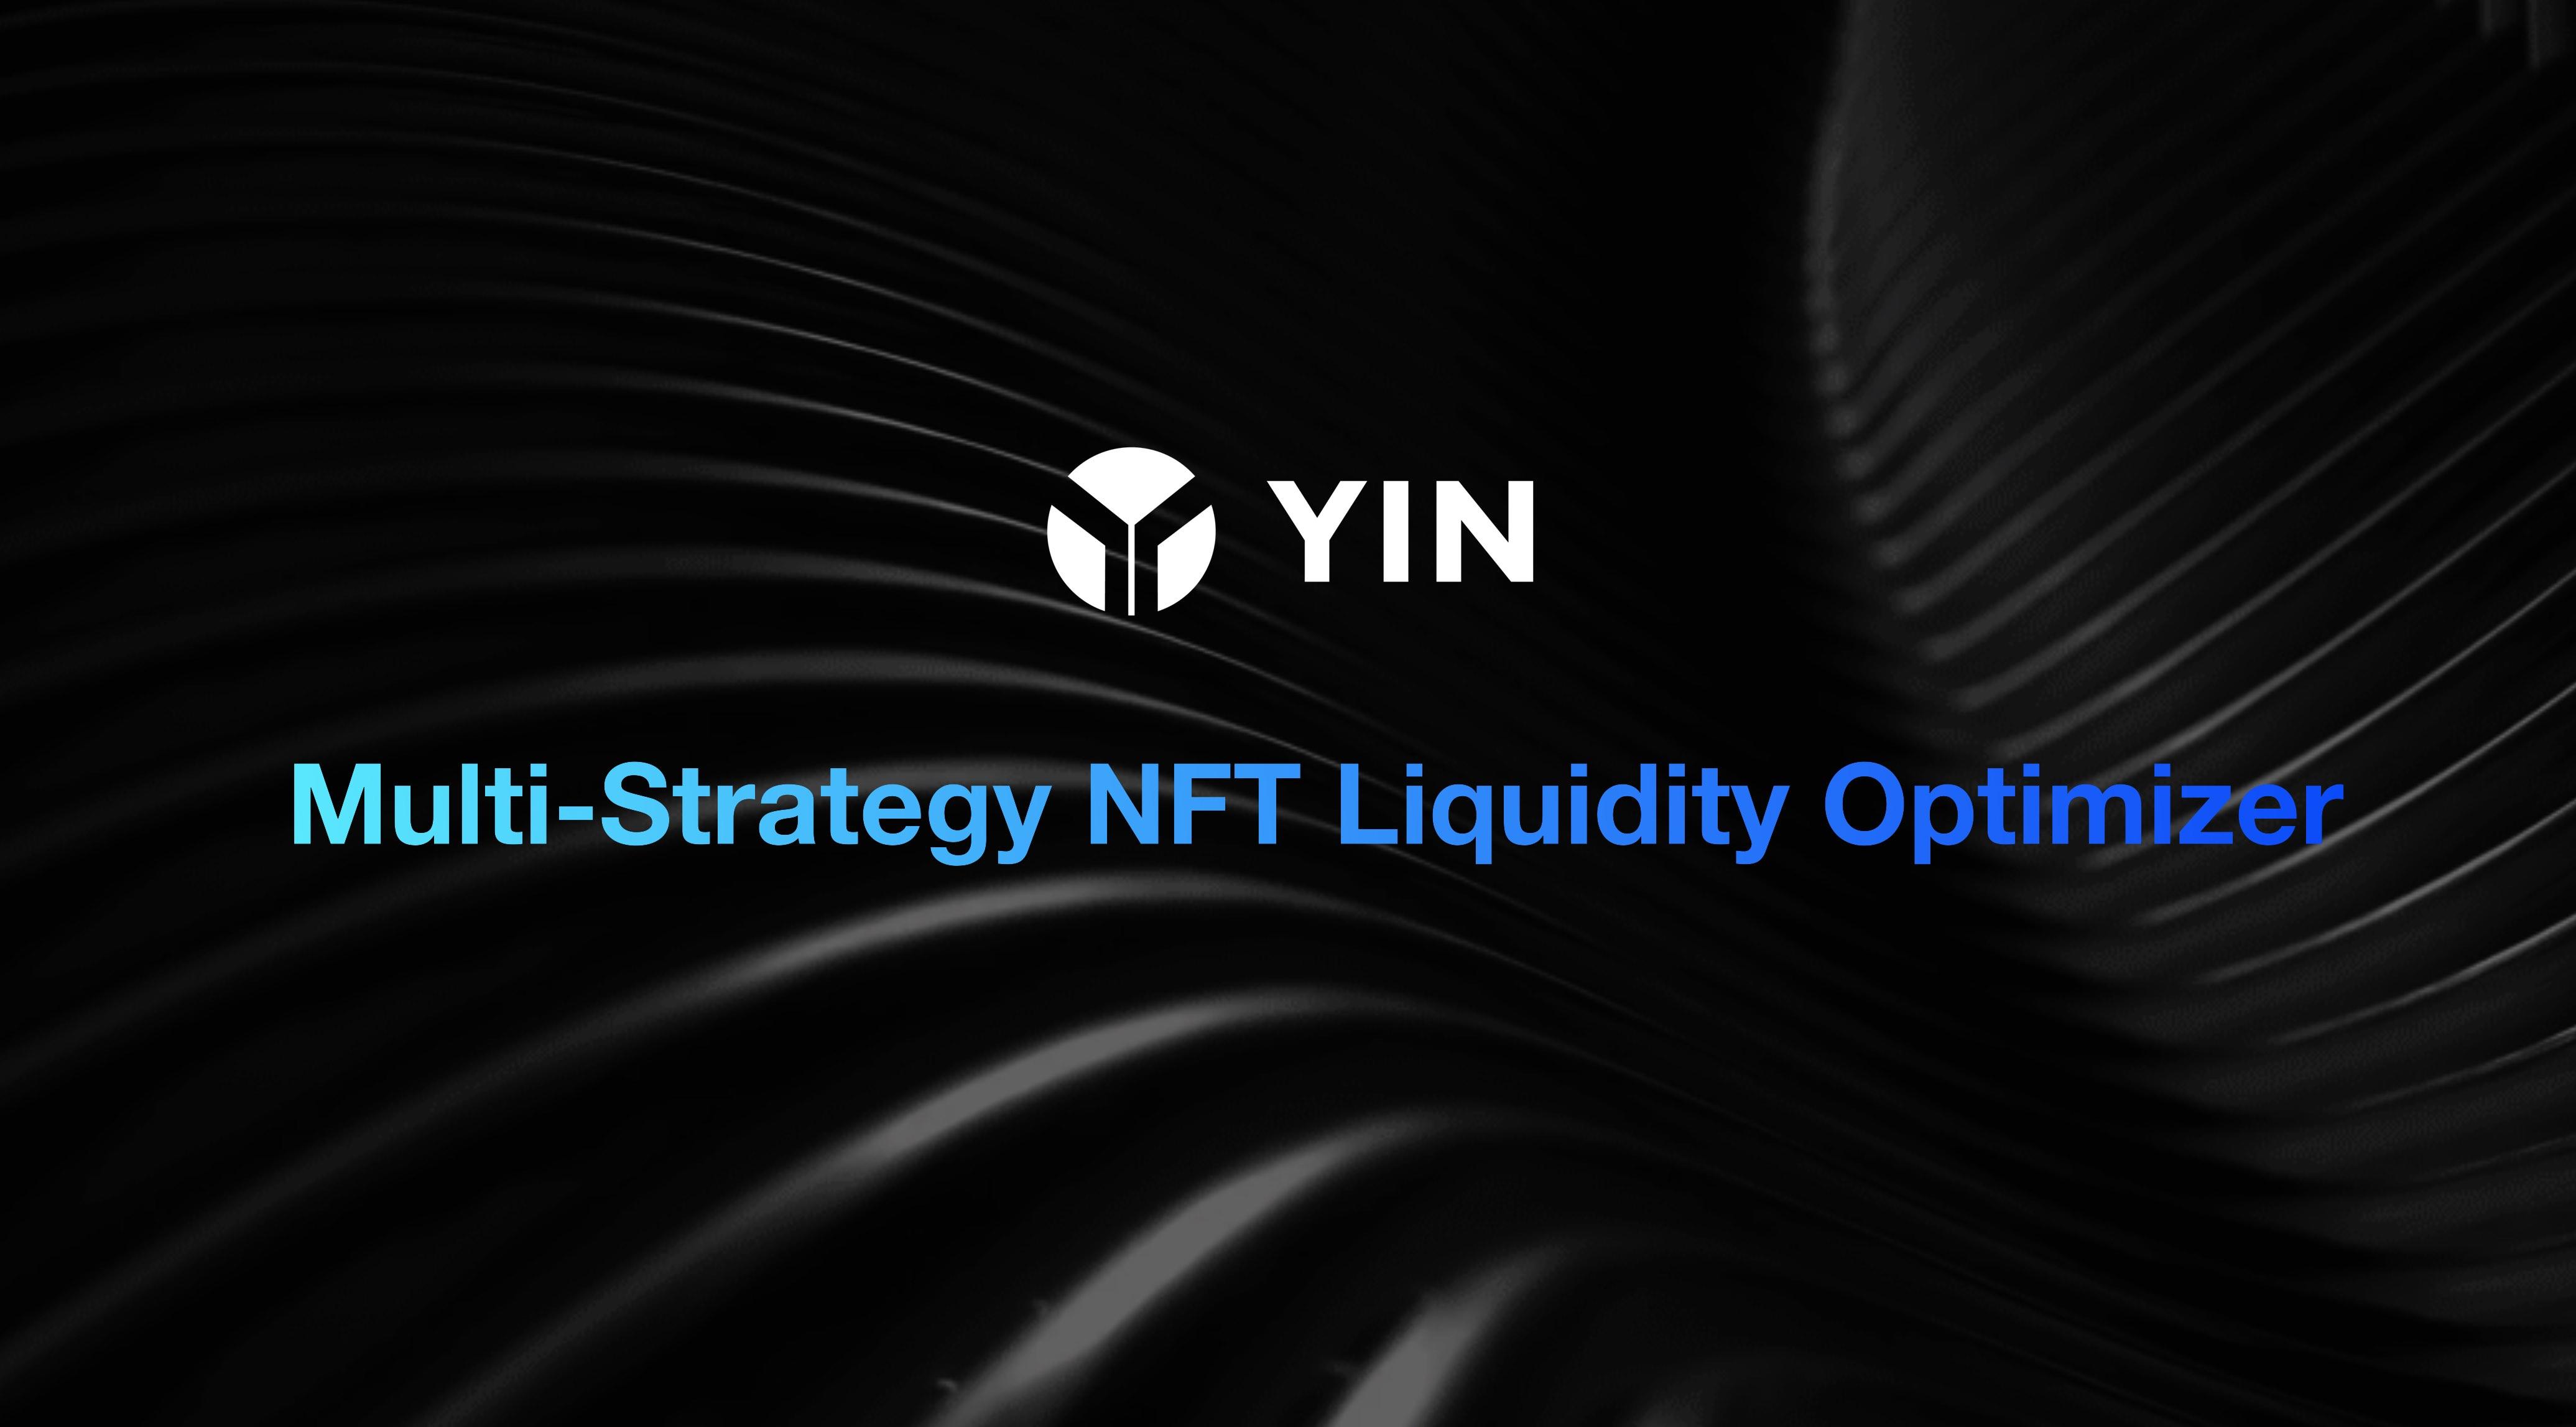 Yin Finance showcase